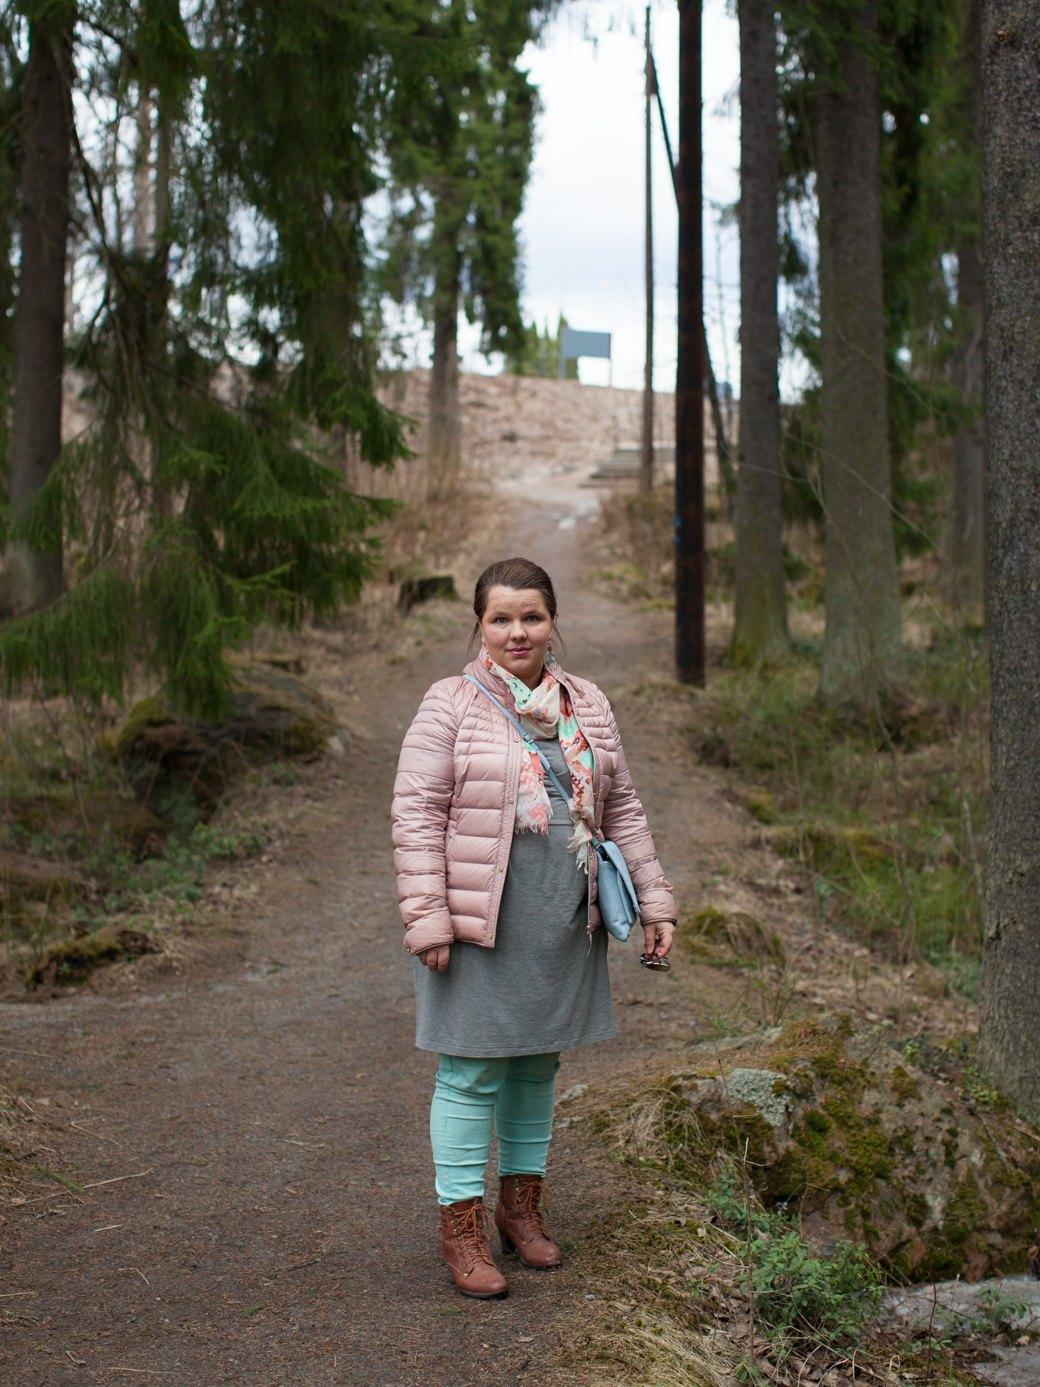 Катри Икявалко, репортёр газет Uutisvuoksi («Новости Вуоксы») и Etelä-Saimaa («Южная Сайма») . Изображение № 33.